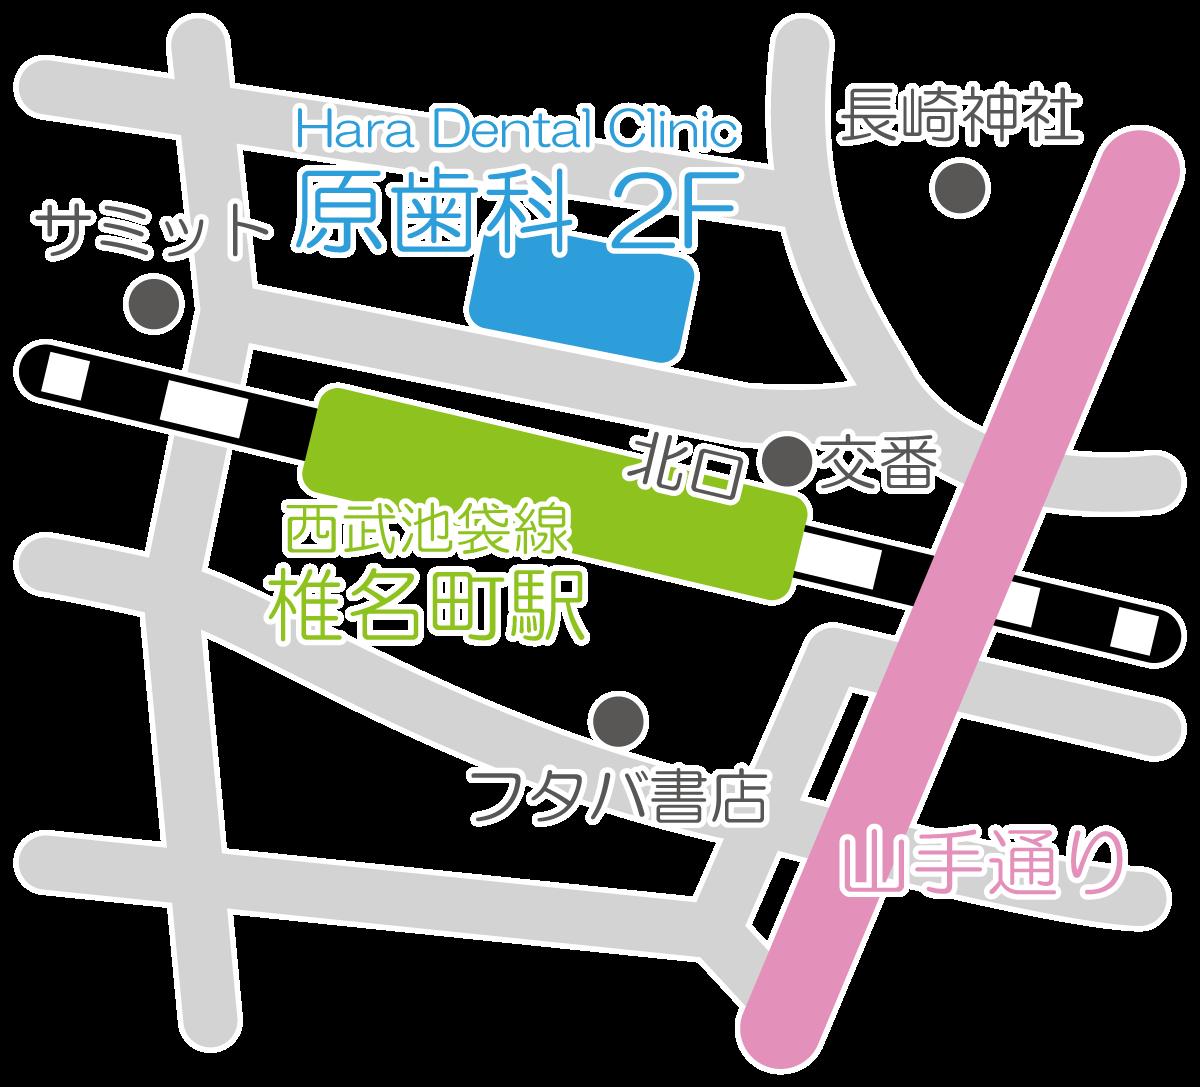 原デンタルケアクリニックの地図